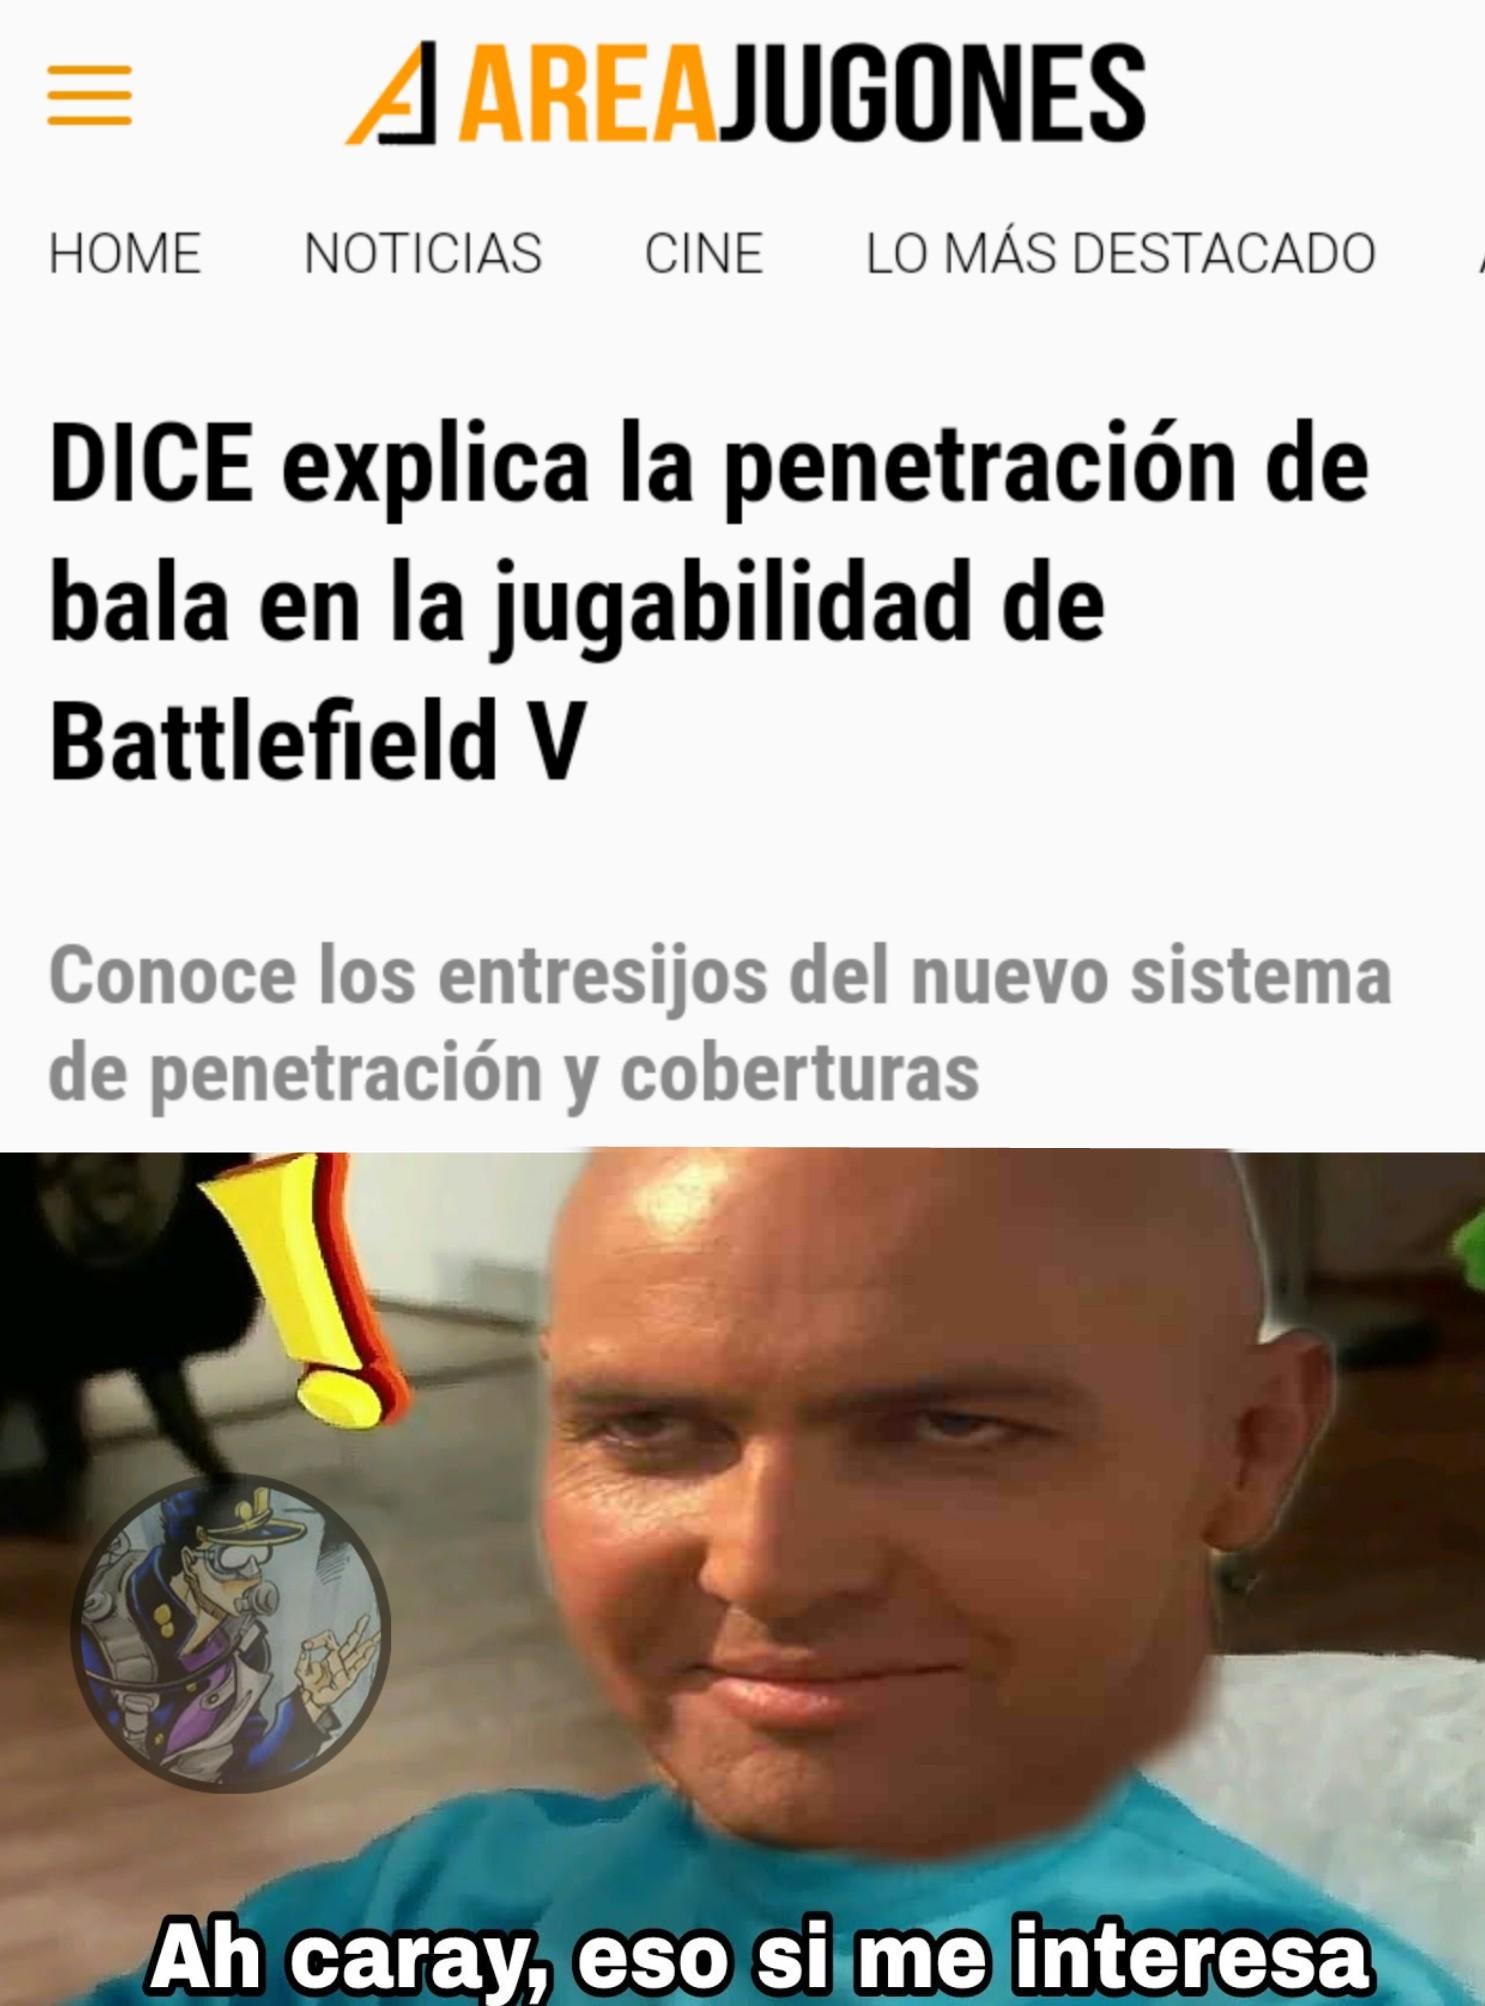 Battlefield y sus penetraciones de bala ( ͡° ͜ʖ ͡°) - meme